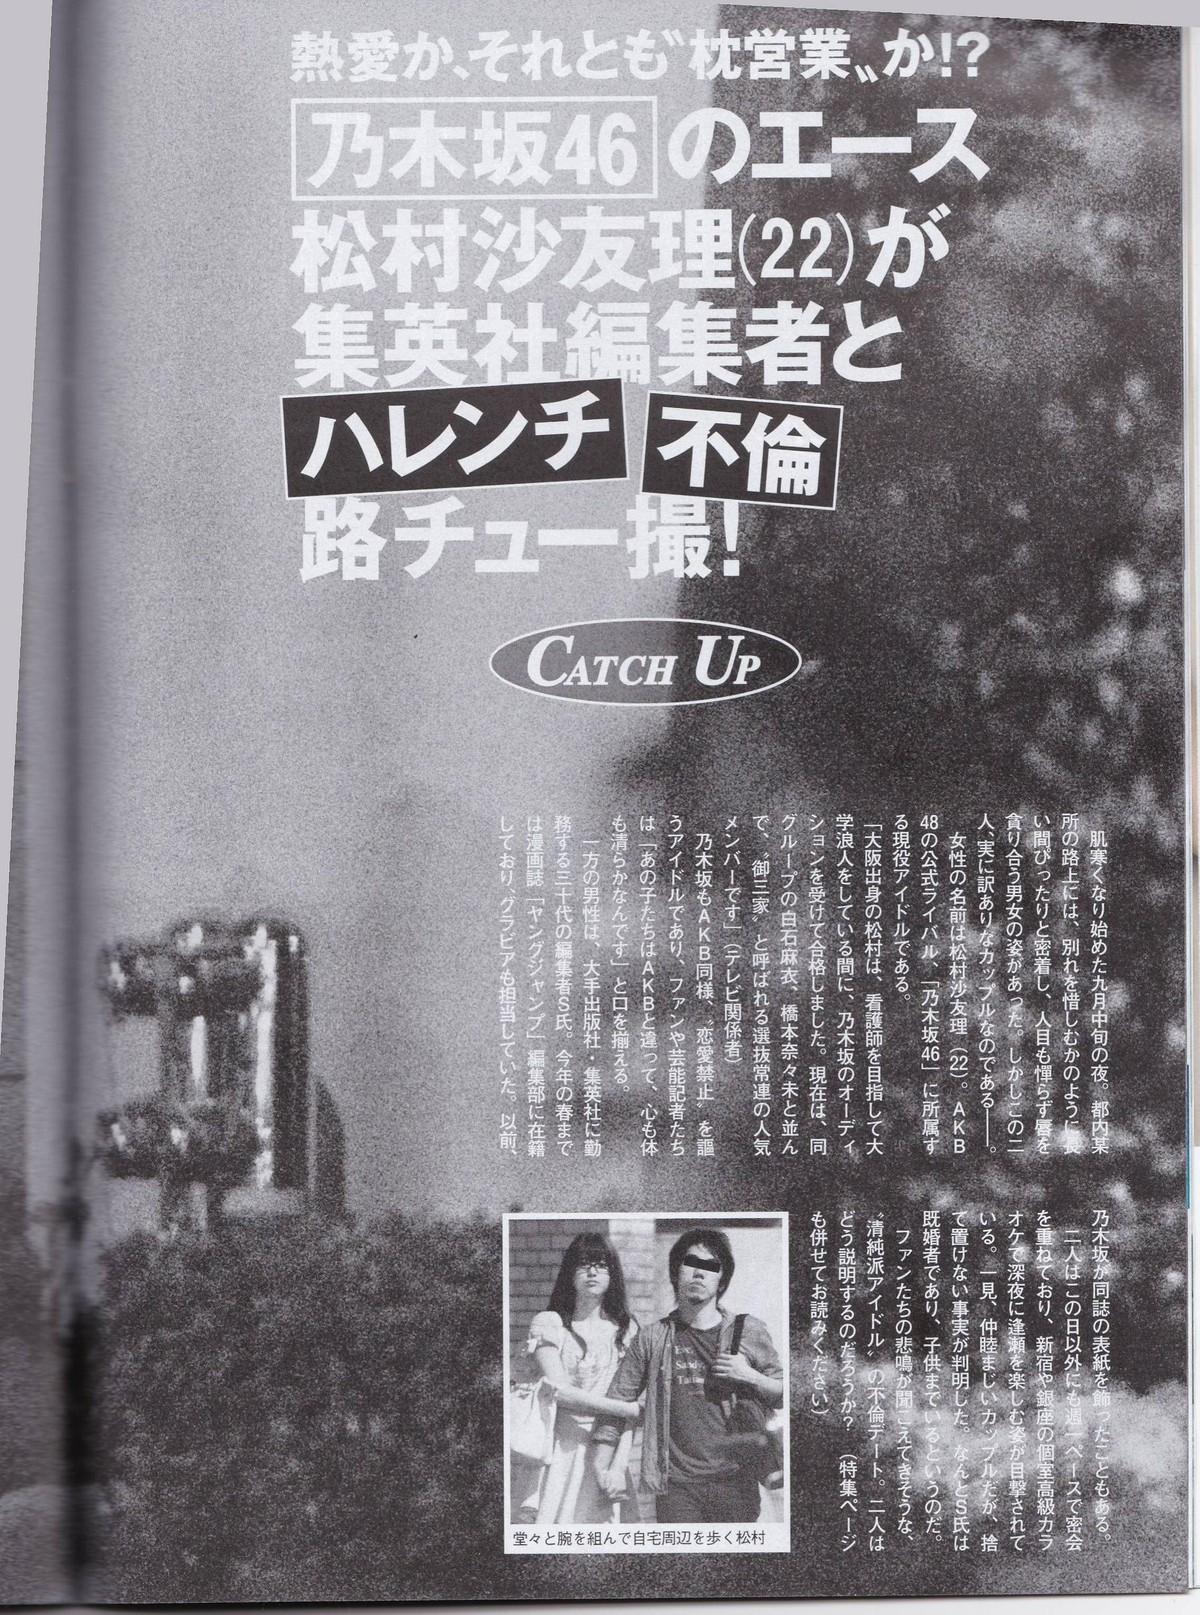 外人 「日本人はキチガイ。乃木坂・松村は無罪。成人した女性が男性と付き合えないのはおかしい」